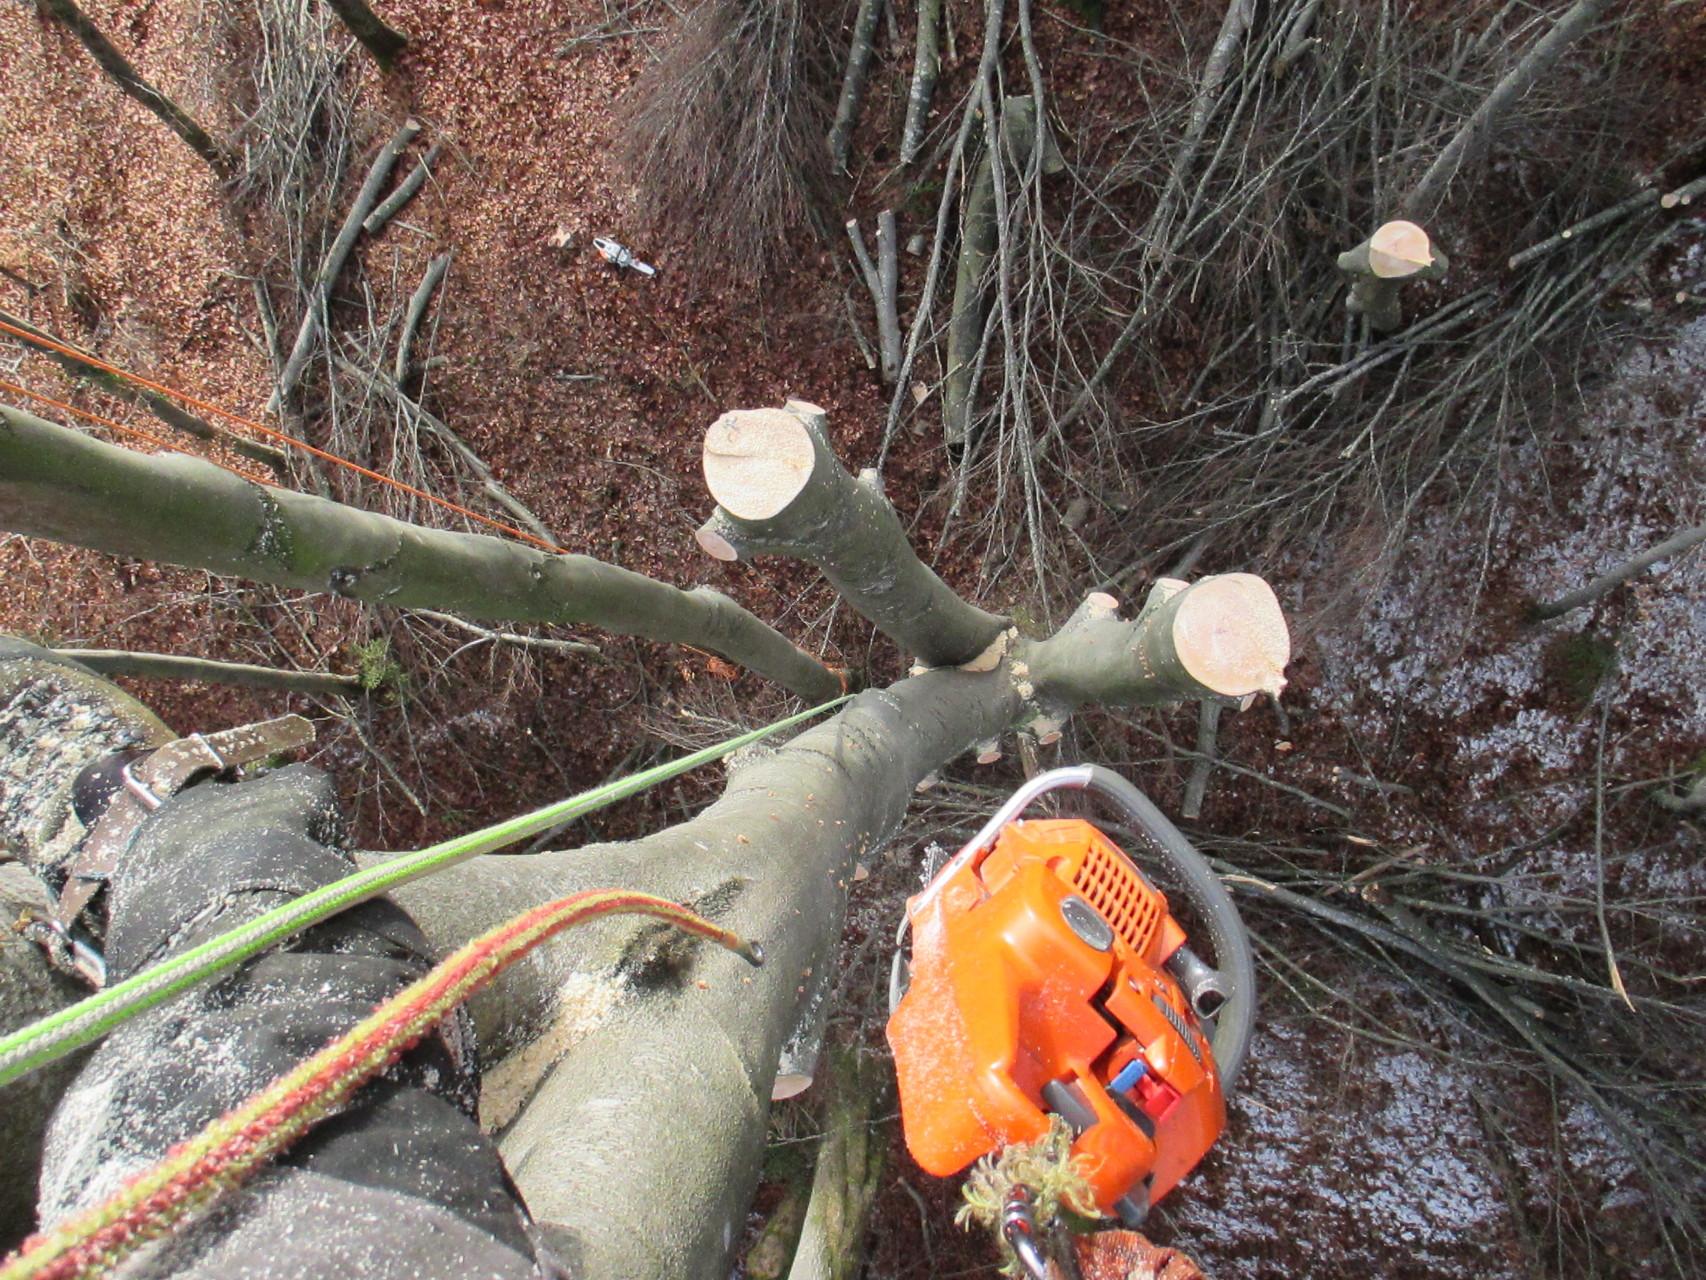 Abtrag einer aufgerissenen Buche und belassen des unteren Stammteiles aus ökologischen Gründen.